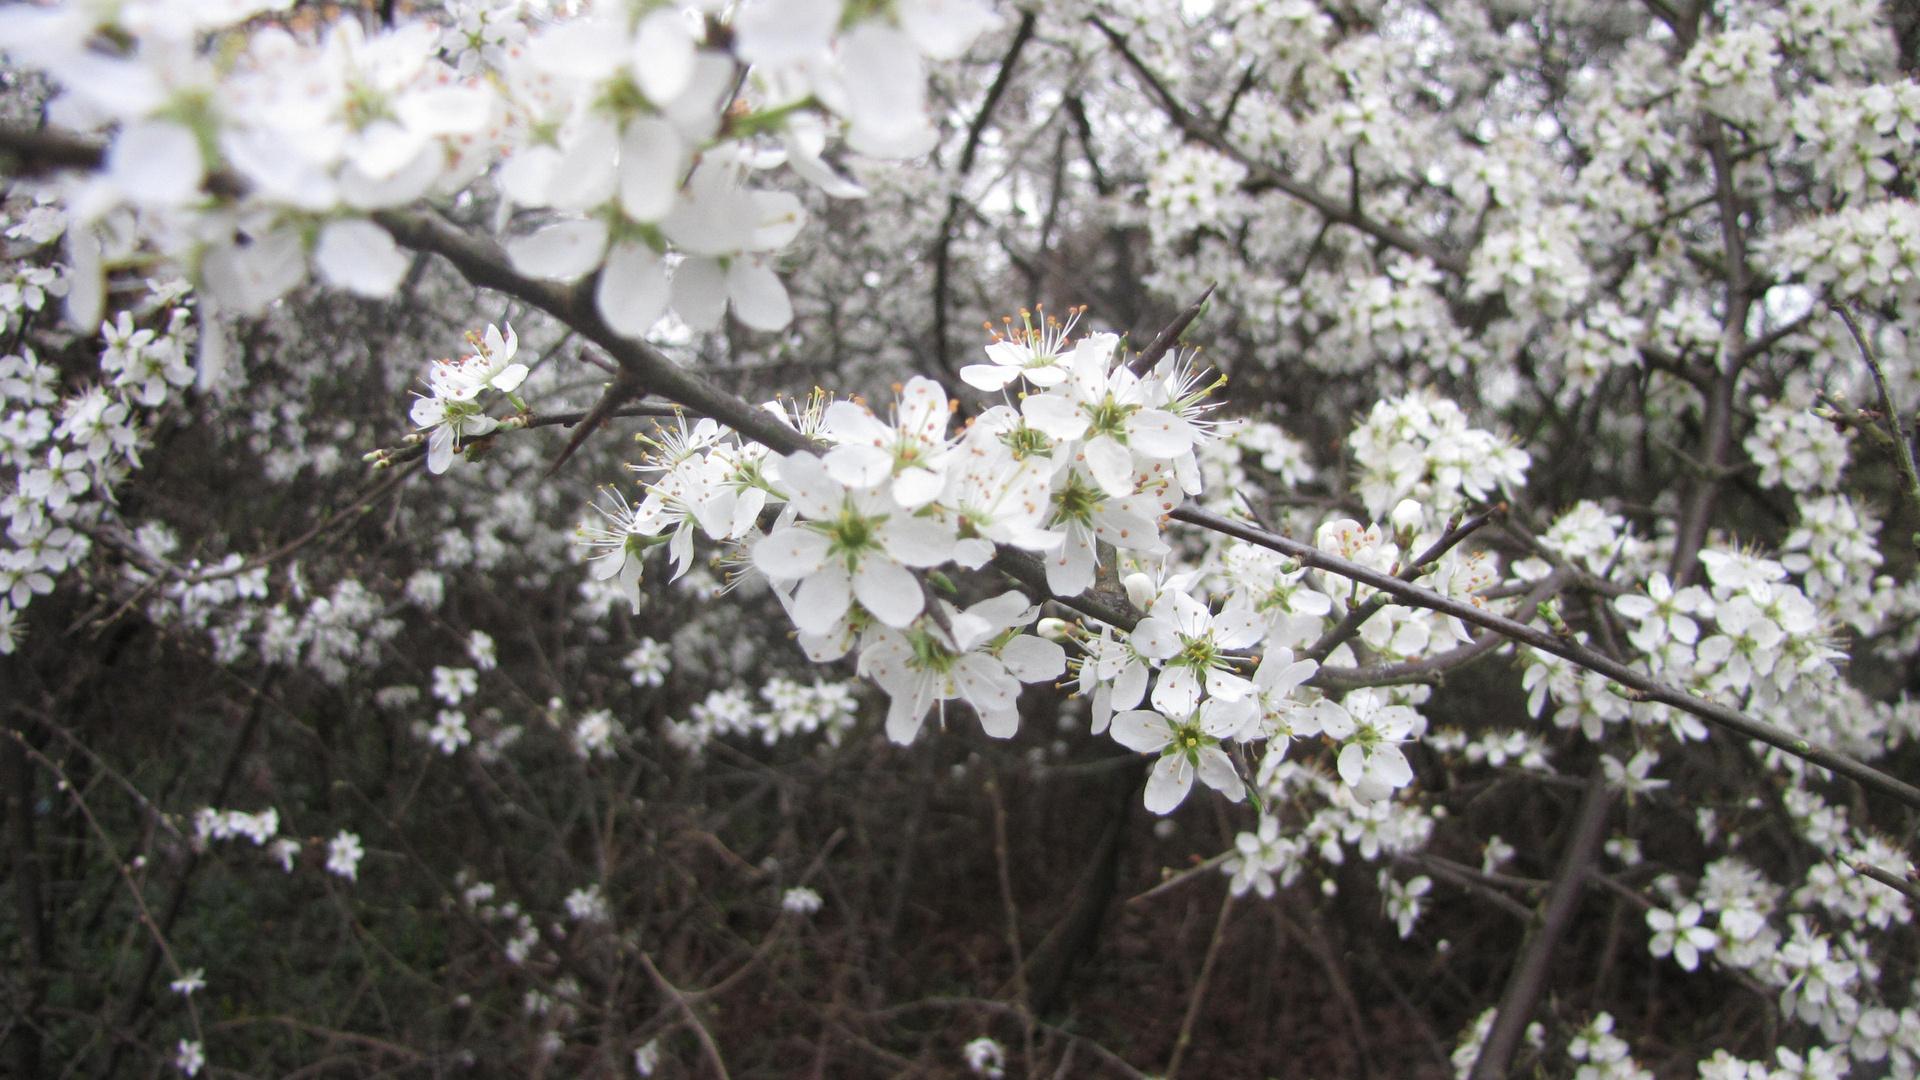 Wildblumensträuche